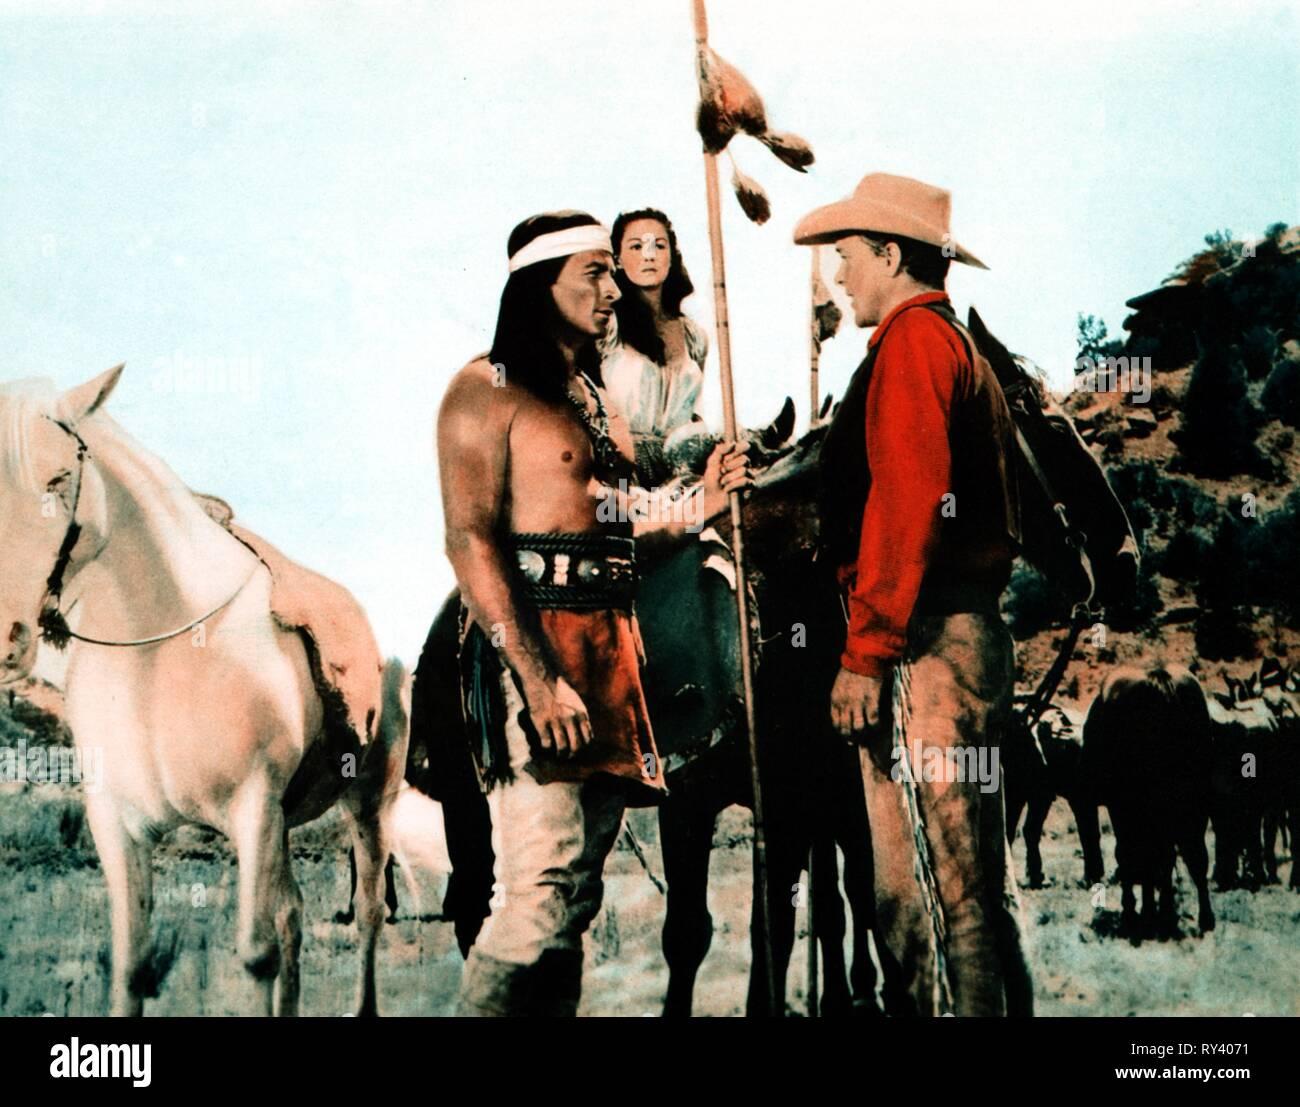 BARKER,TAYLOR,JOHNSON, WAR DRUMS, 1957 - Stock Image